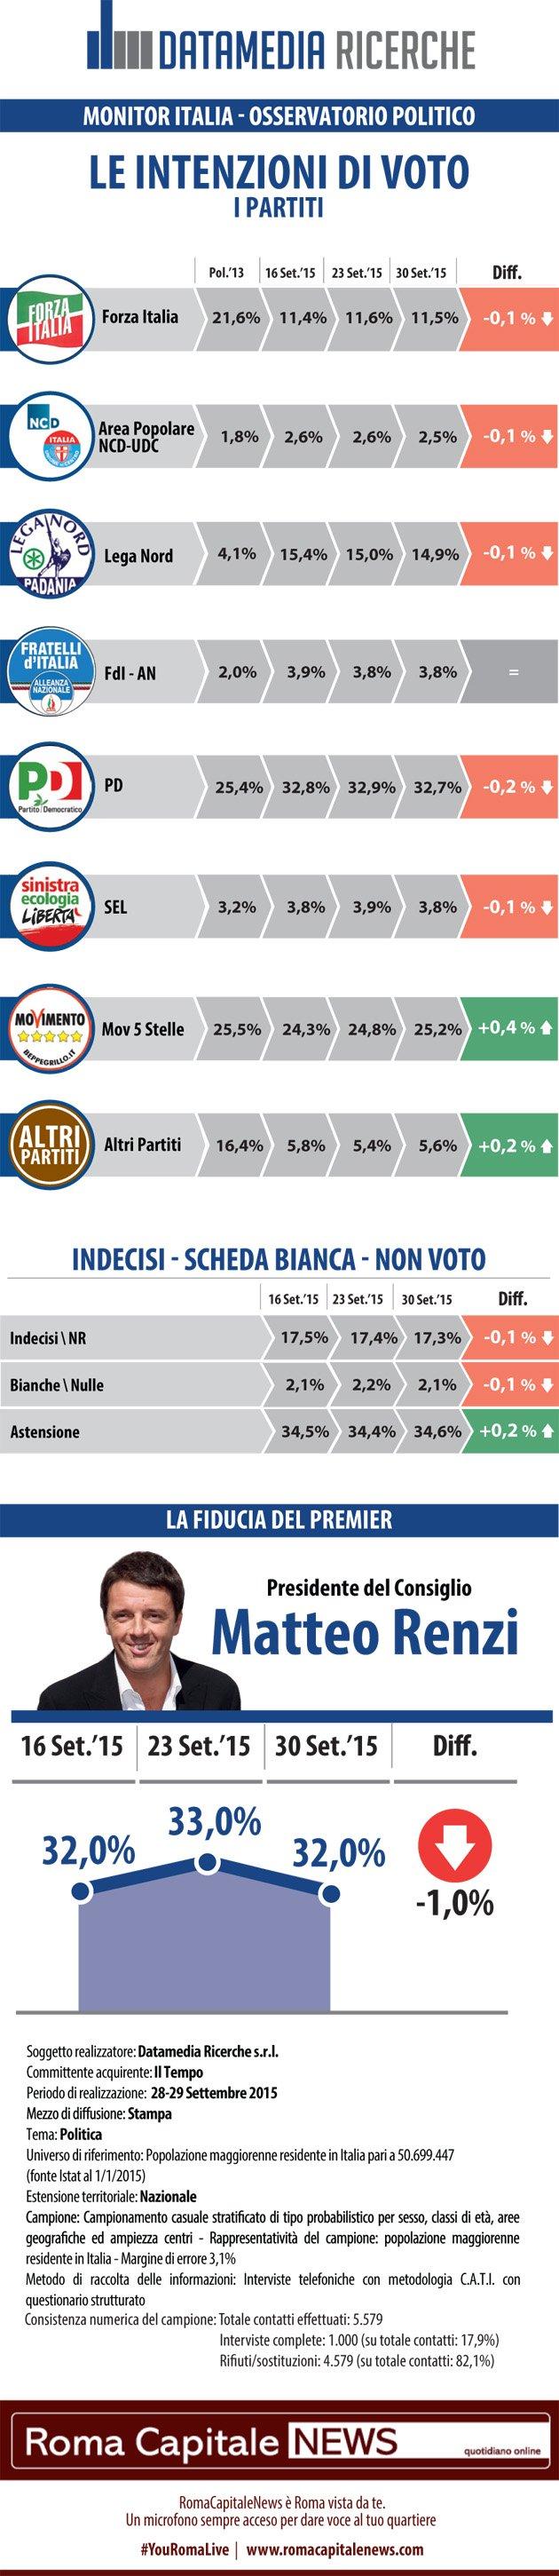 Sondaggio Datamedia 30 settembre 2015: le intenzioni di voto degli italiani e la fiducia al premier Matteo Renzi